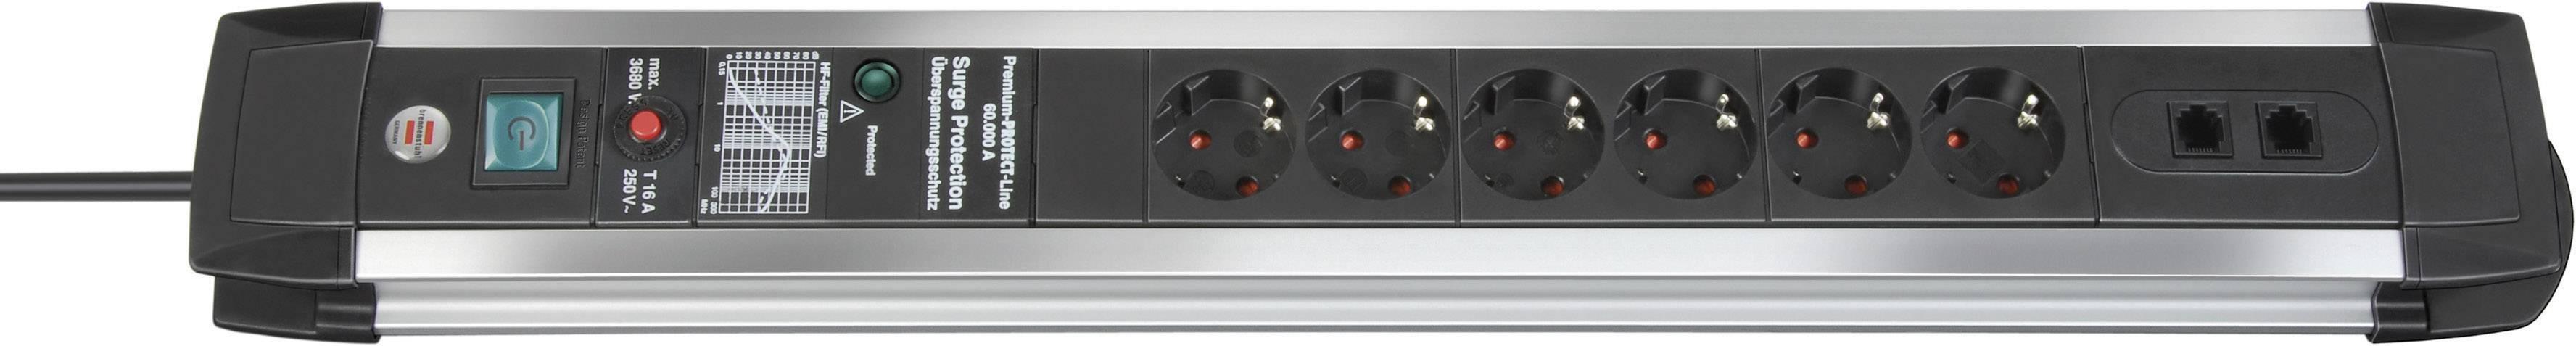 Zásuvková lišta s prepäťovou ochranou Brennenstuhl Premium Protect Line 1391000606, počet zásuviek 6 + 2x ISDN/DSL, 3.00 m, čierna, hliník